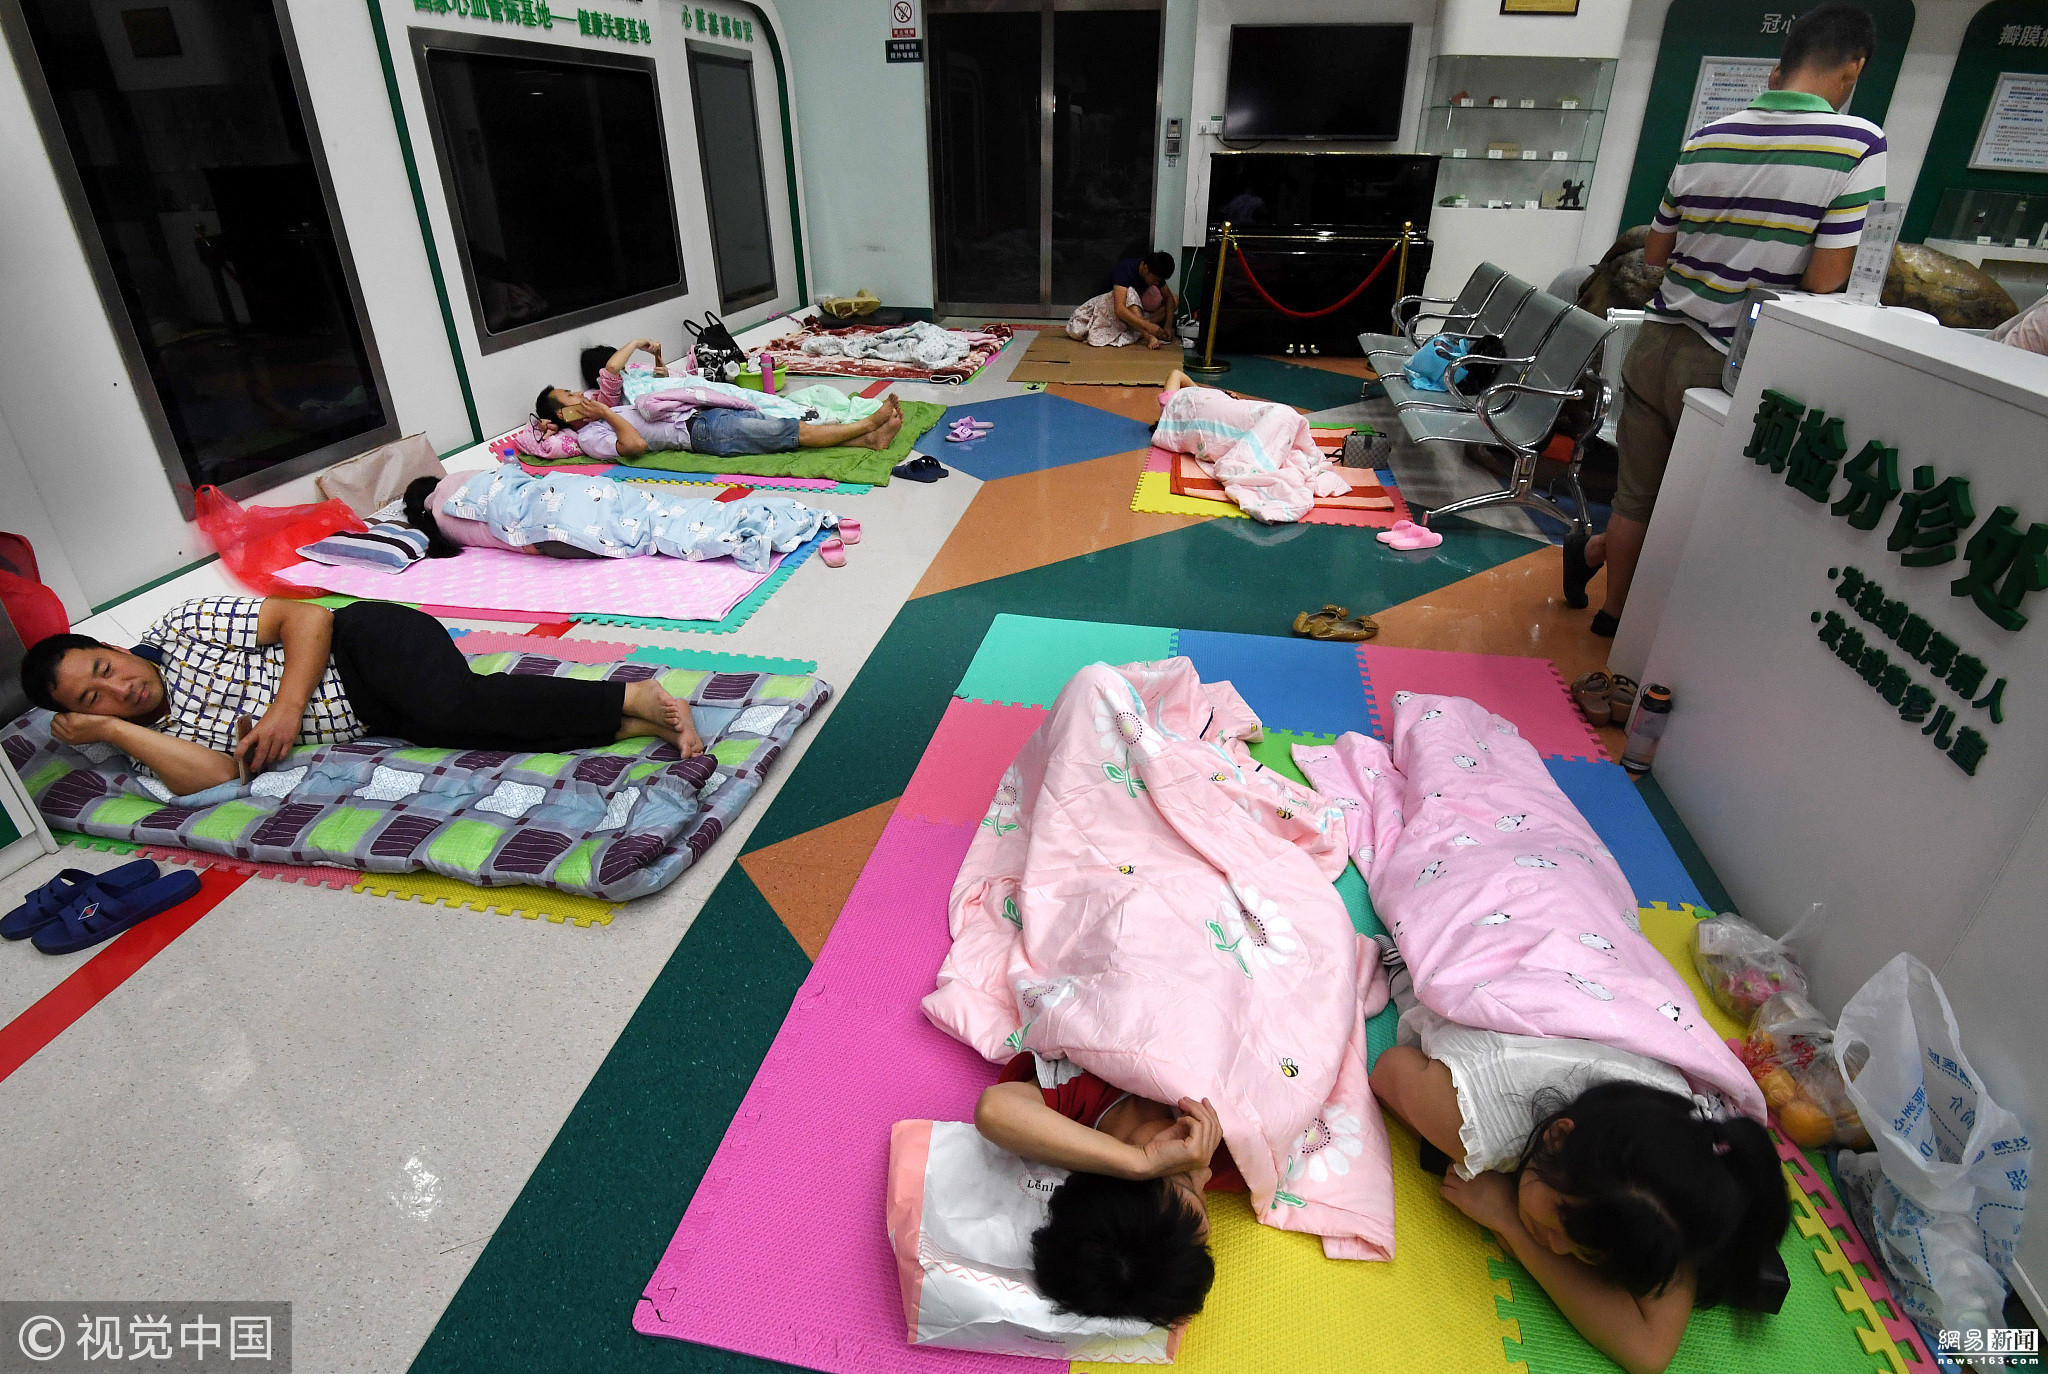 医院开放门诊大厅 患者家属打地铺 ! - 周公乐 - xinhua8848 的博客